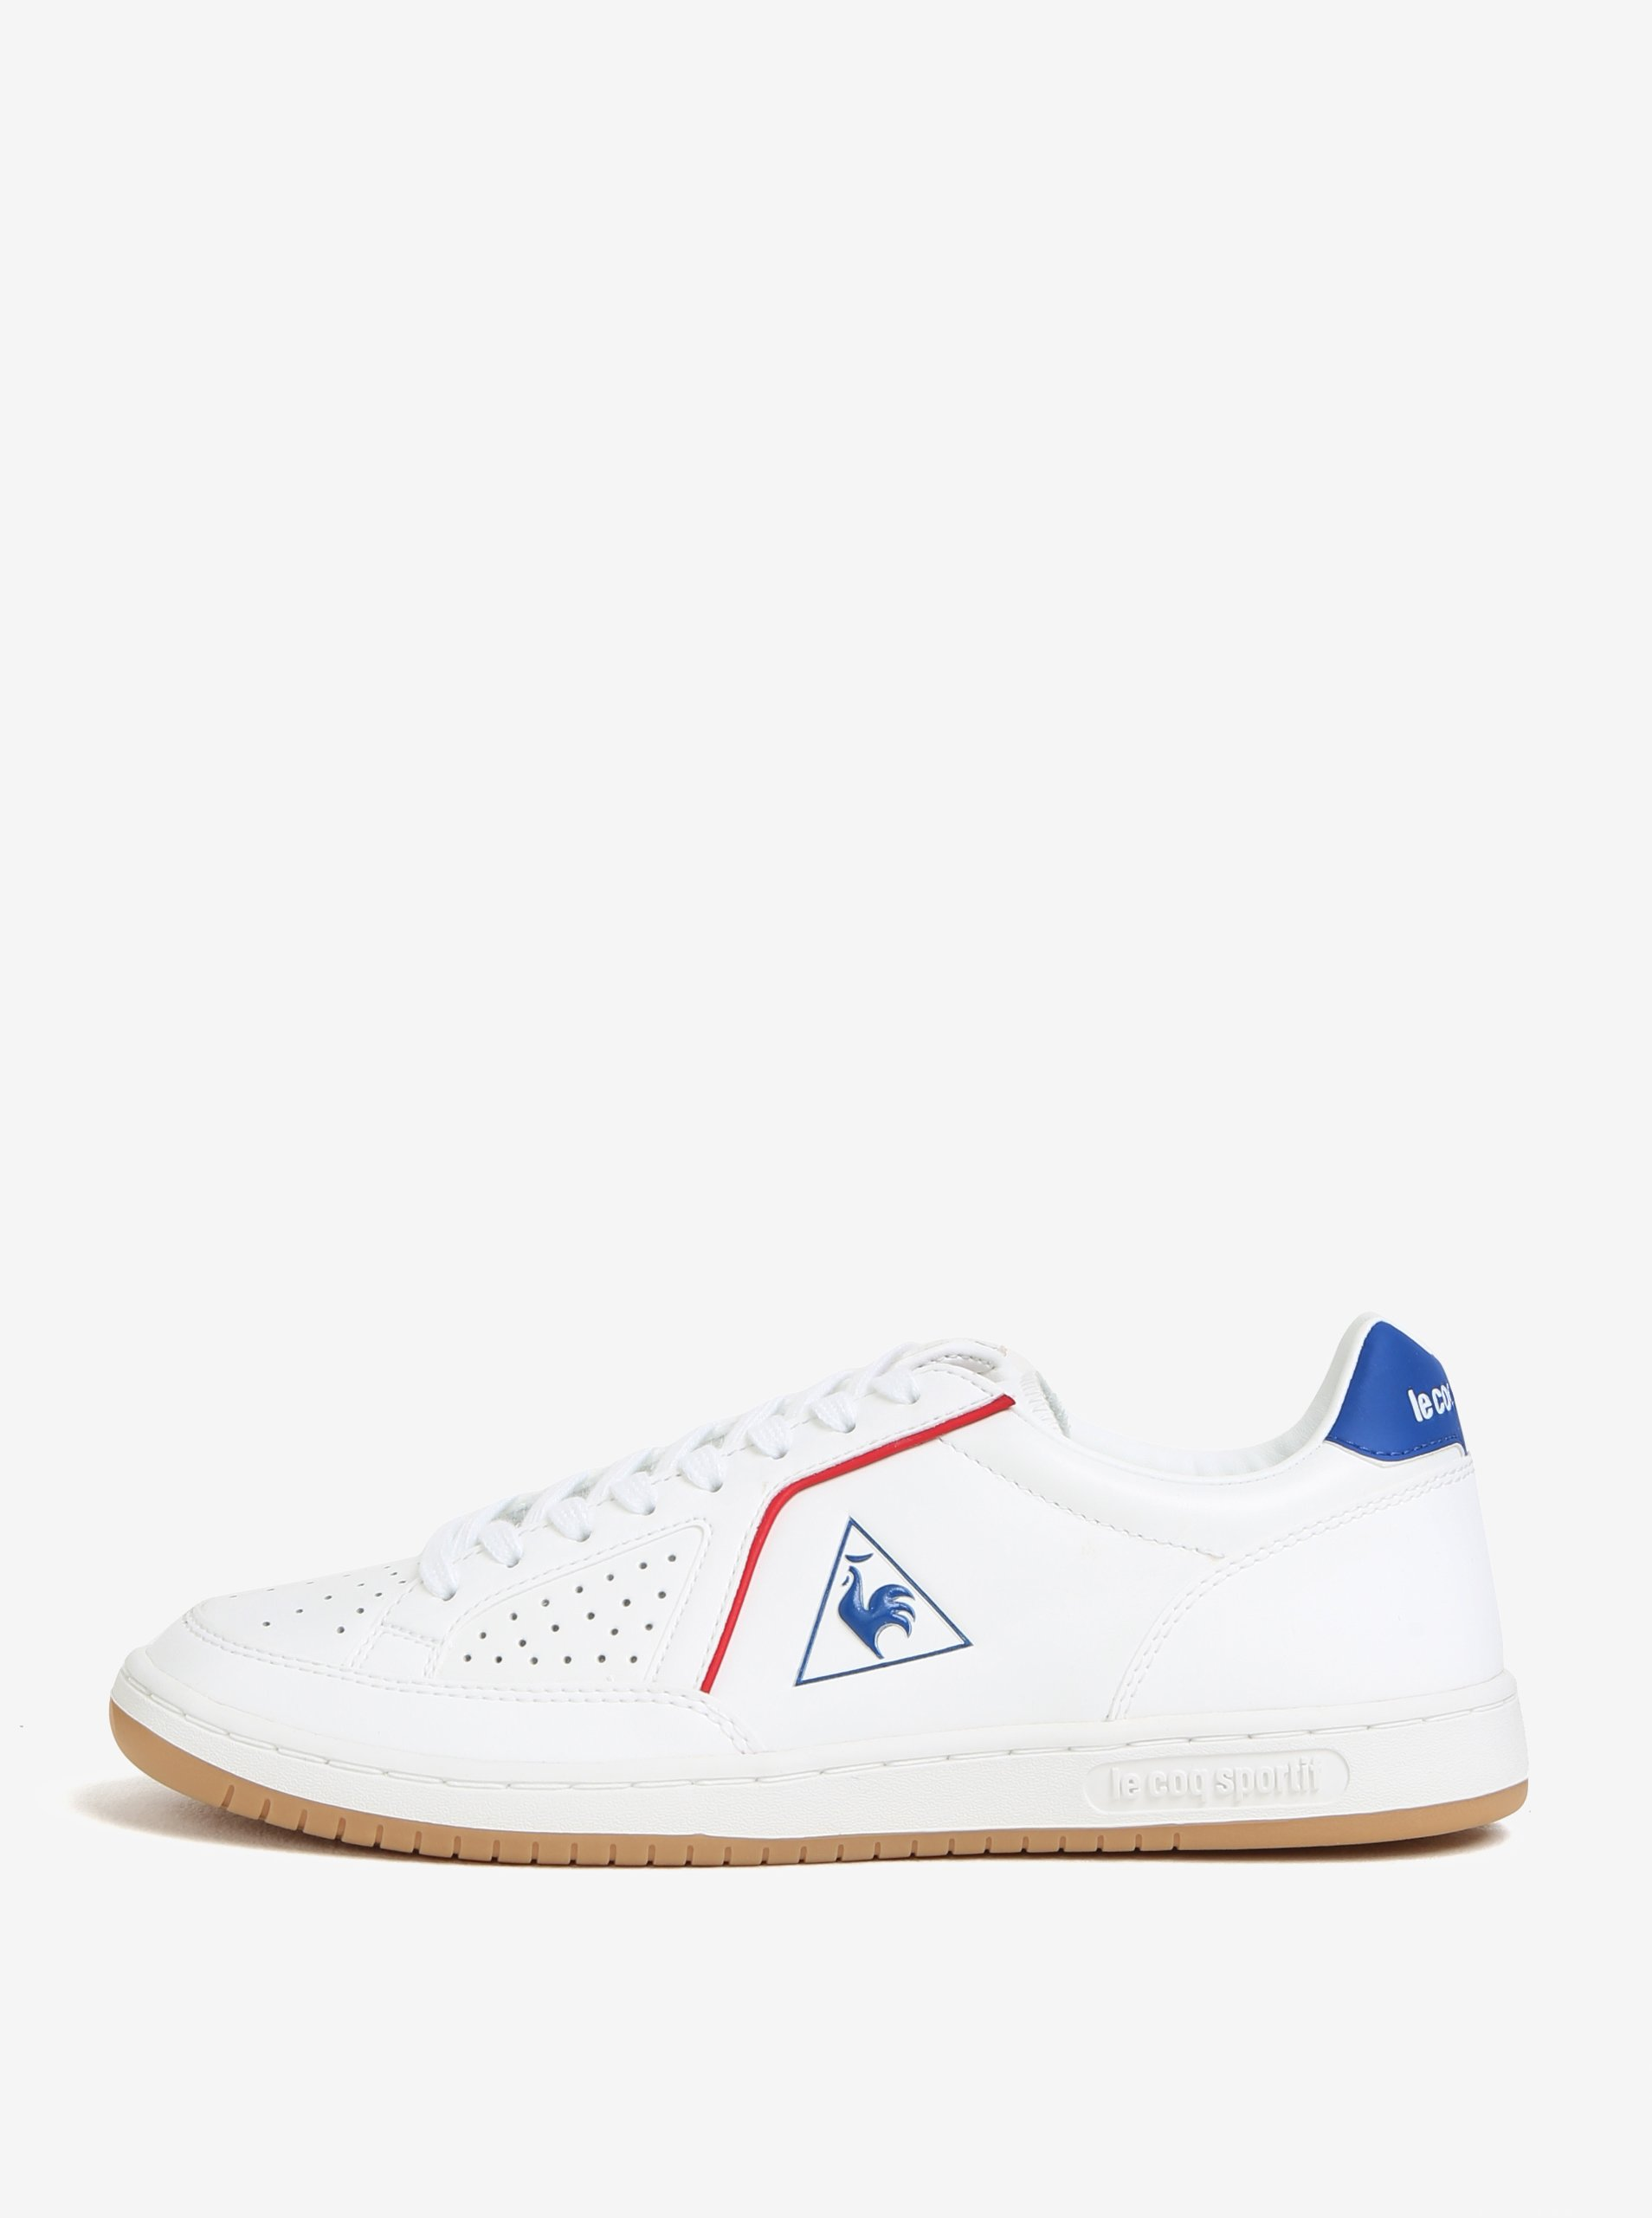 Modro-bílé pánské kožené tenisky Le Coq Sportif Icons Lea Sport Gum